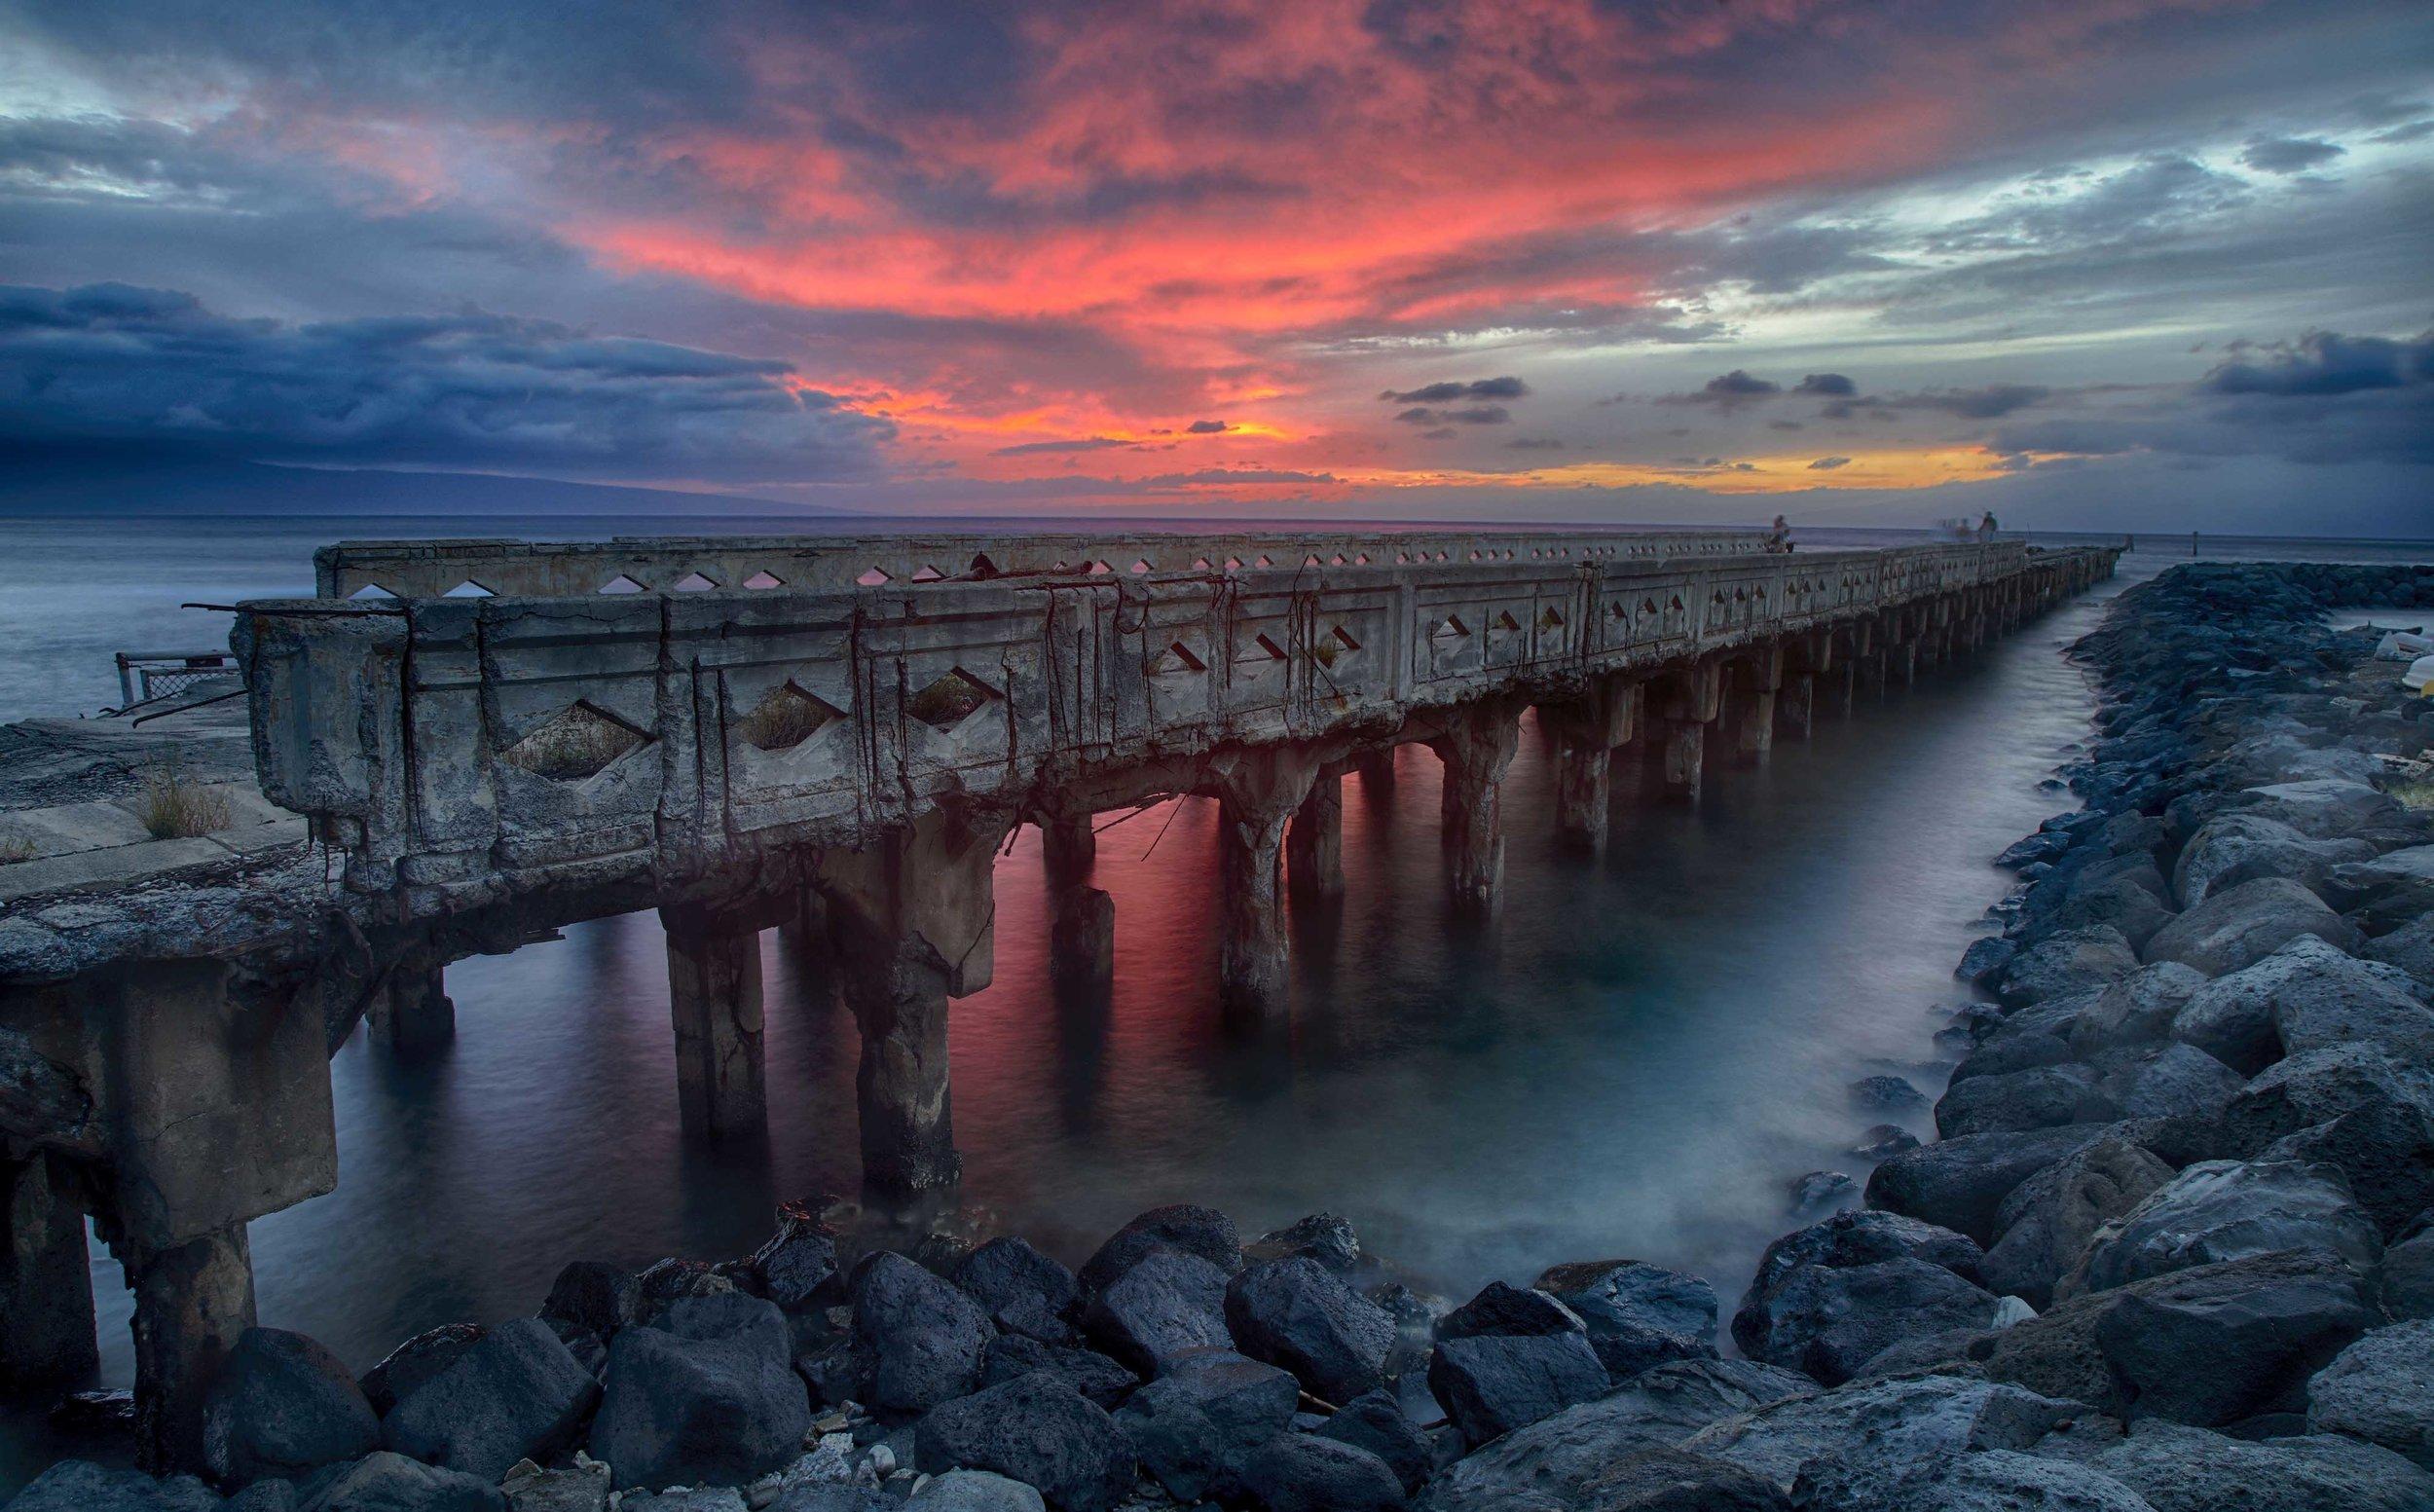 Maui Pier